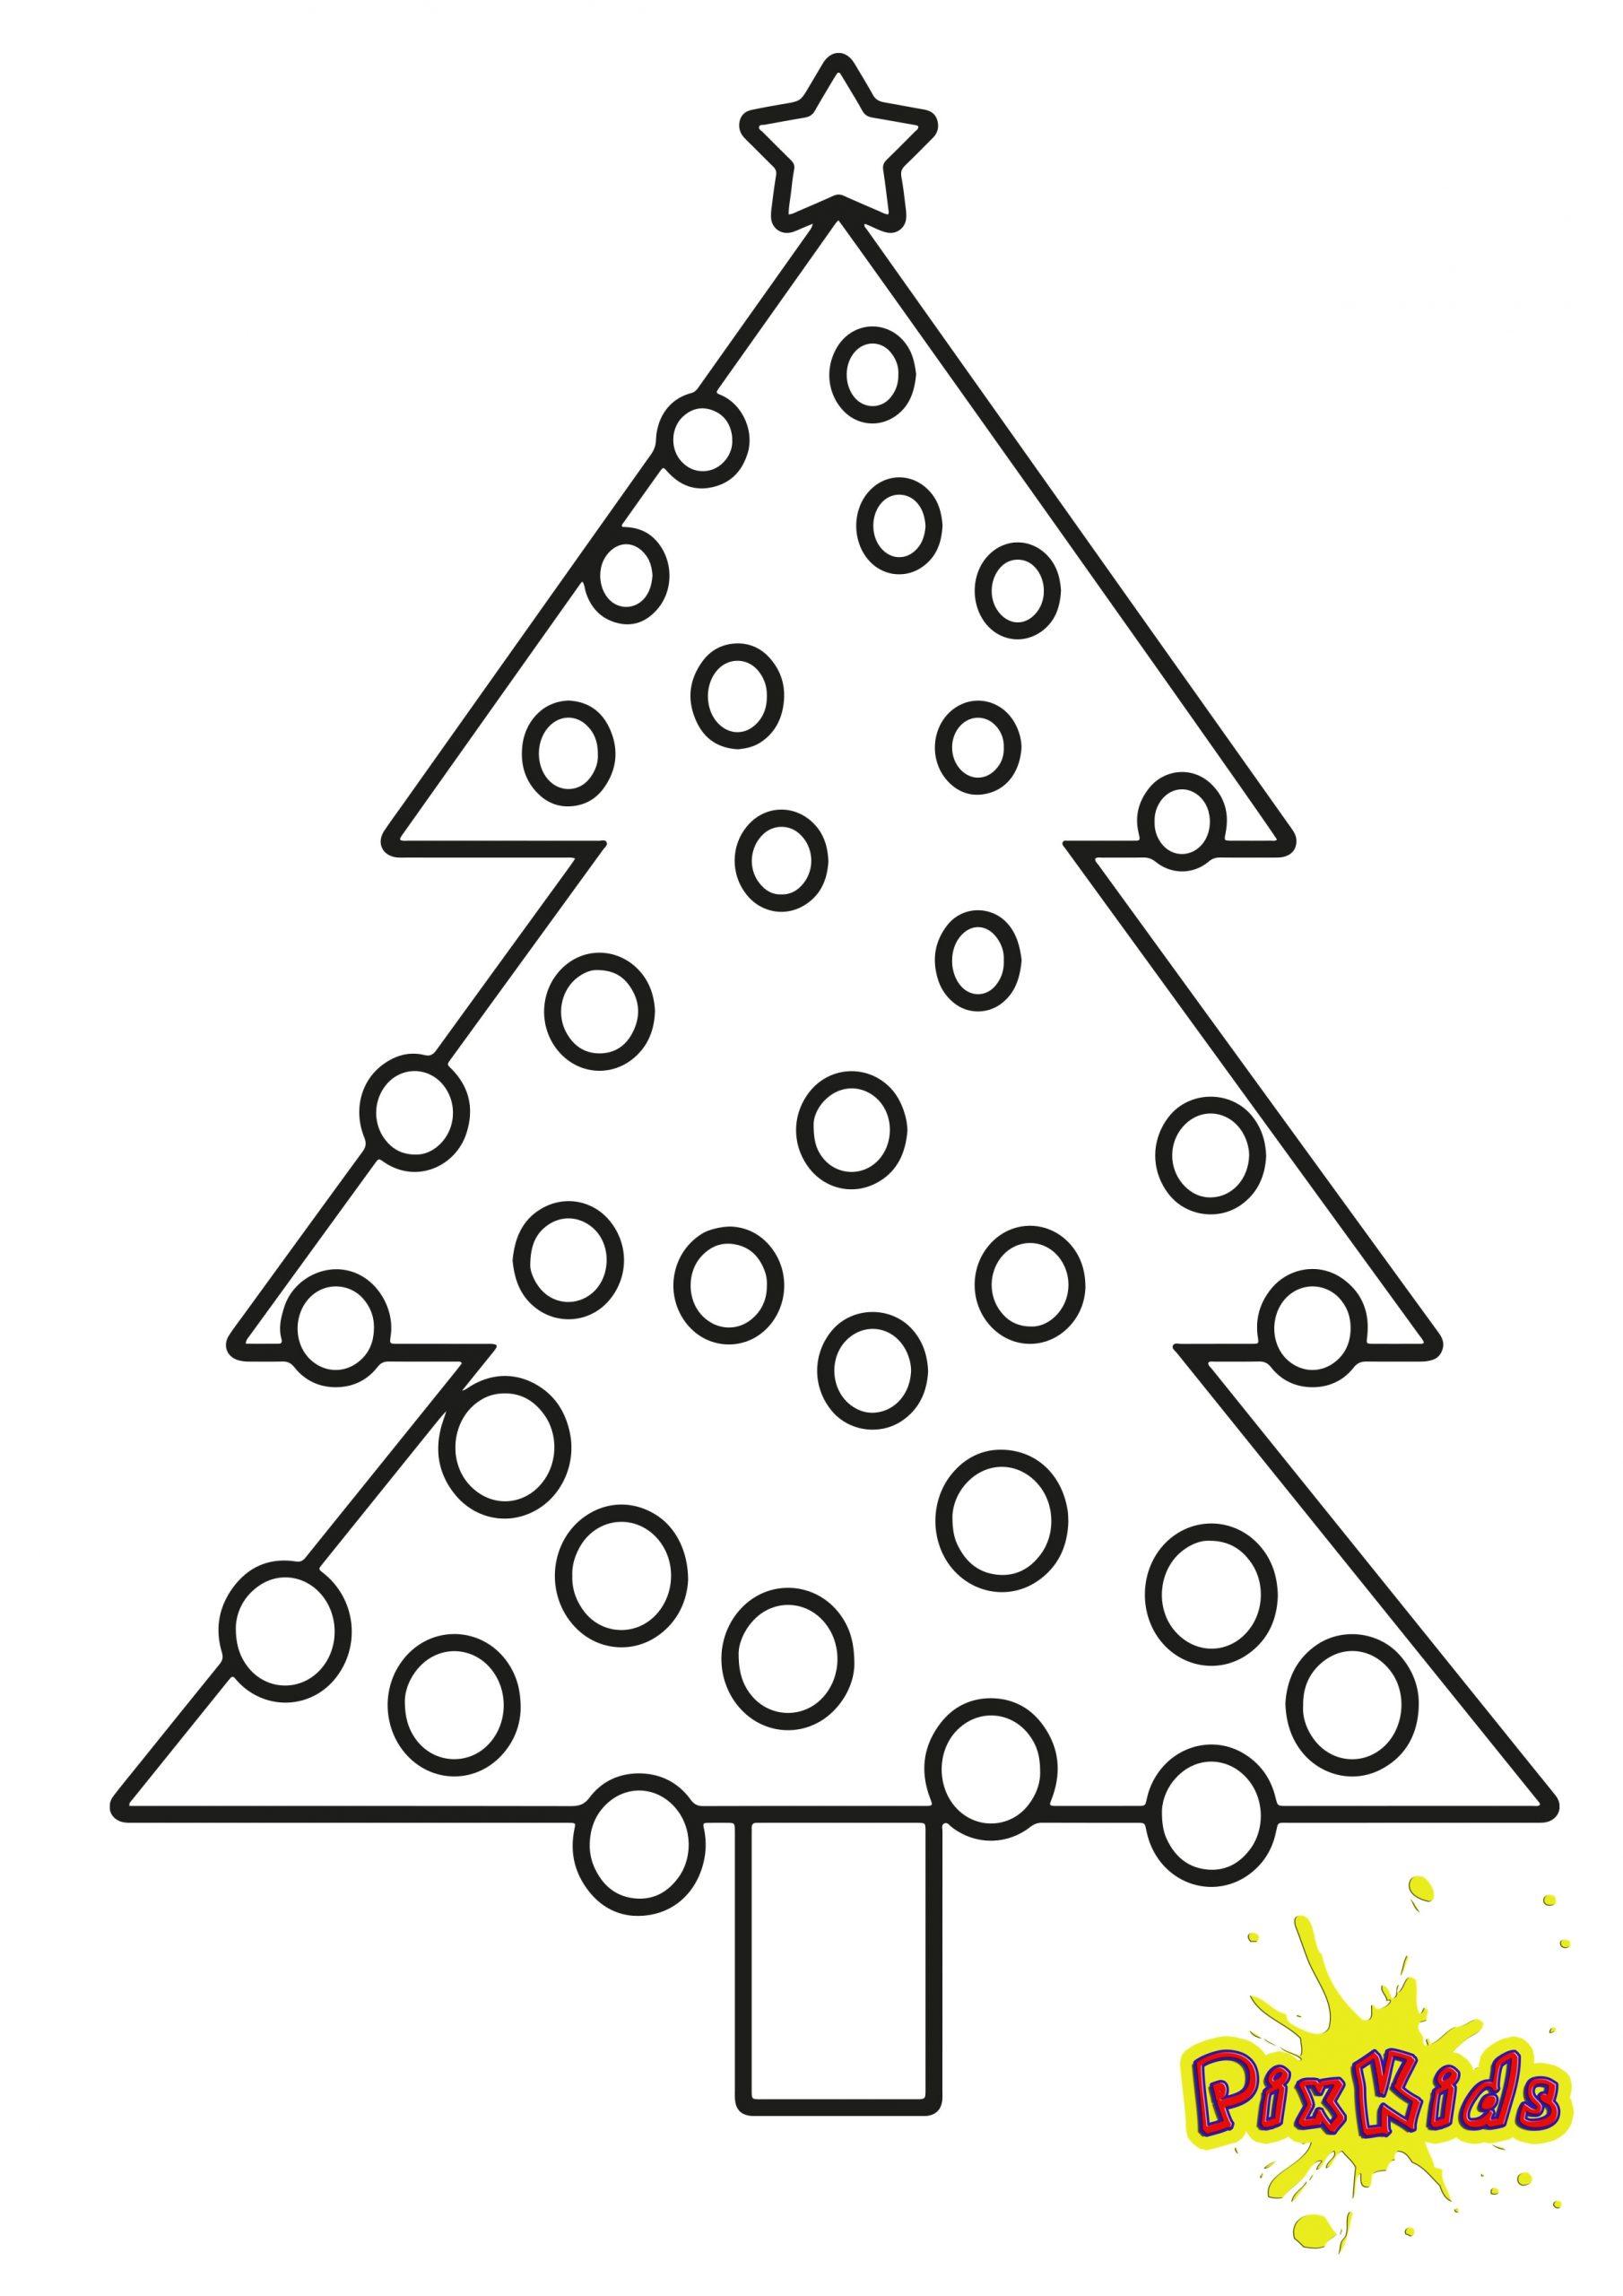 Ausmalbild Tannenbaum Weihnachtsbaum - Kostenlose Malvorlagen mit Tannenbaum Zum Ausmalen